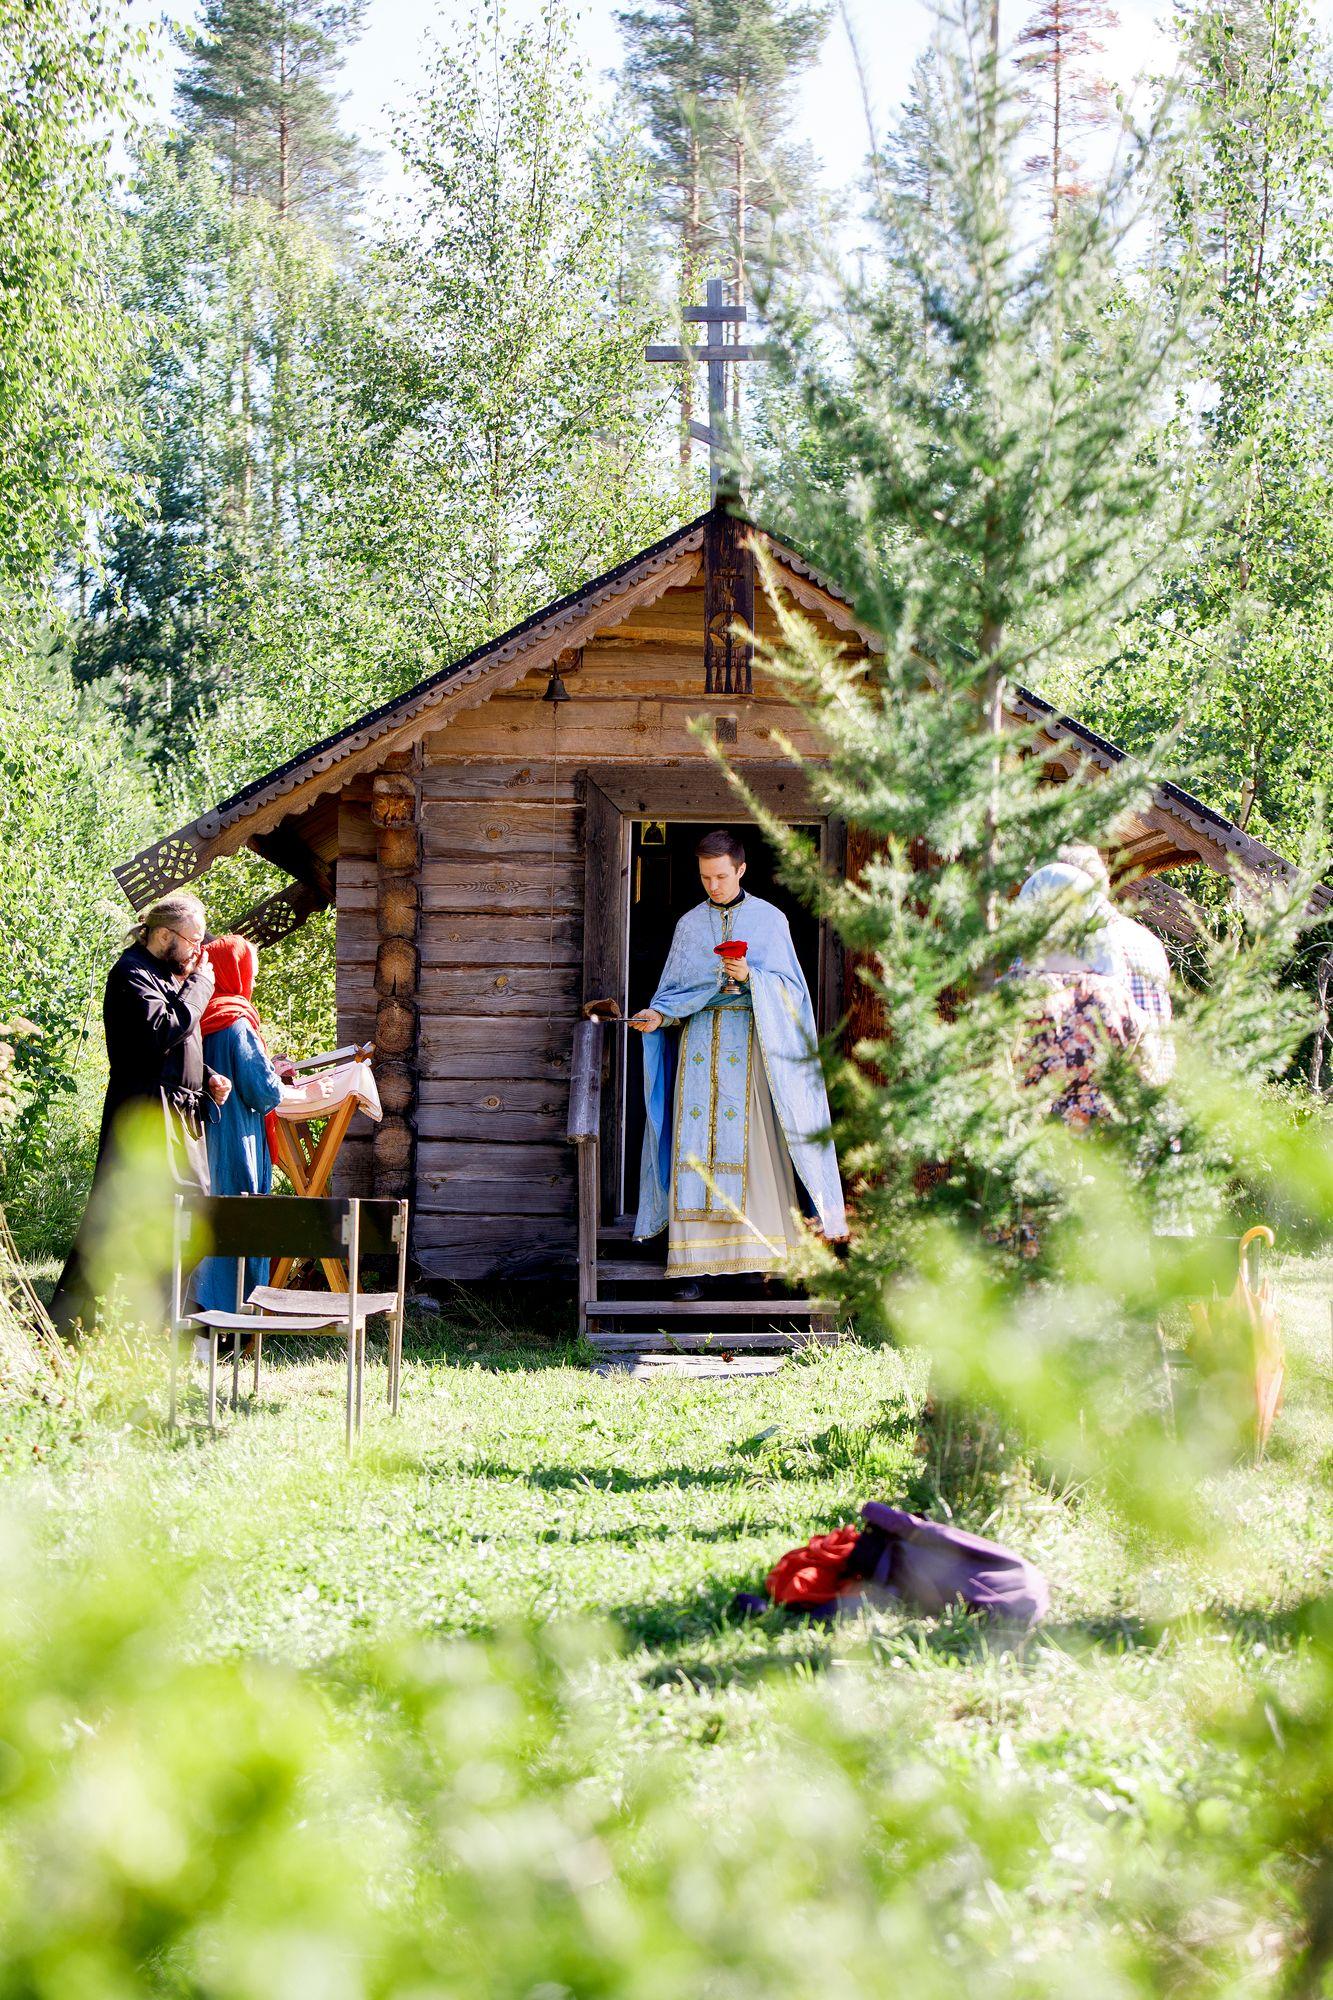 Maahiset ovat avanneet tsasounansa ovet oman perheen lisäksi lähiseudun ortodokseille. © Hanna-Kaisa Hämäläinen